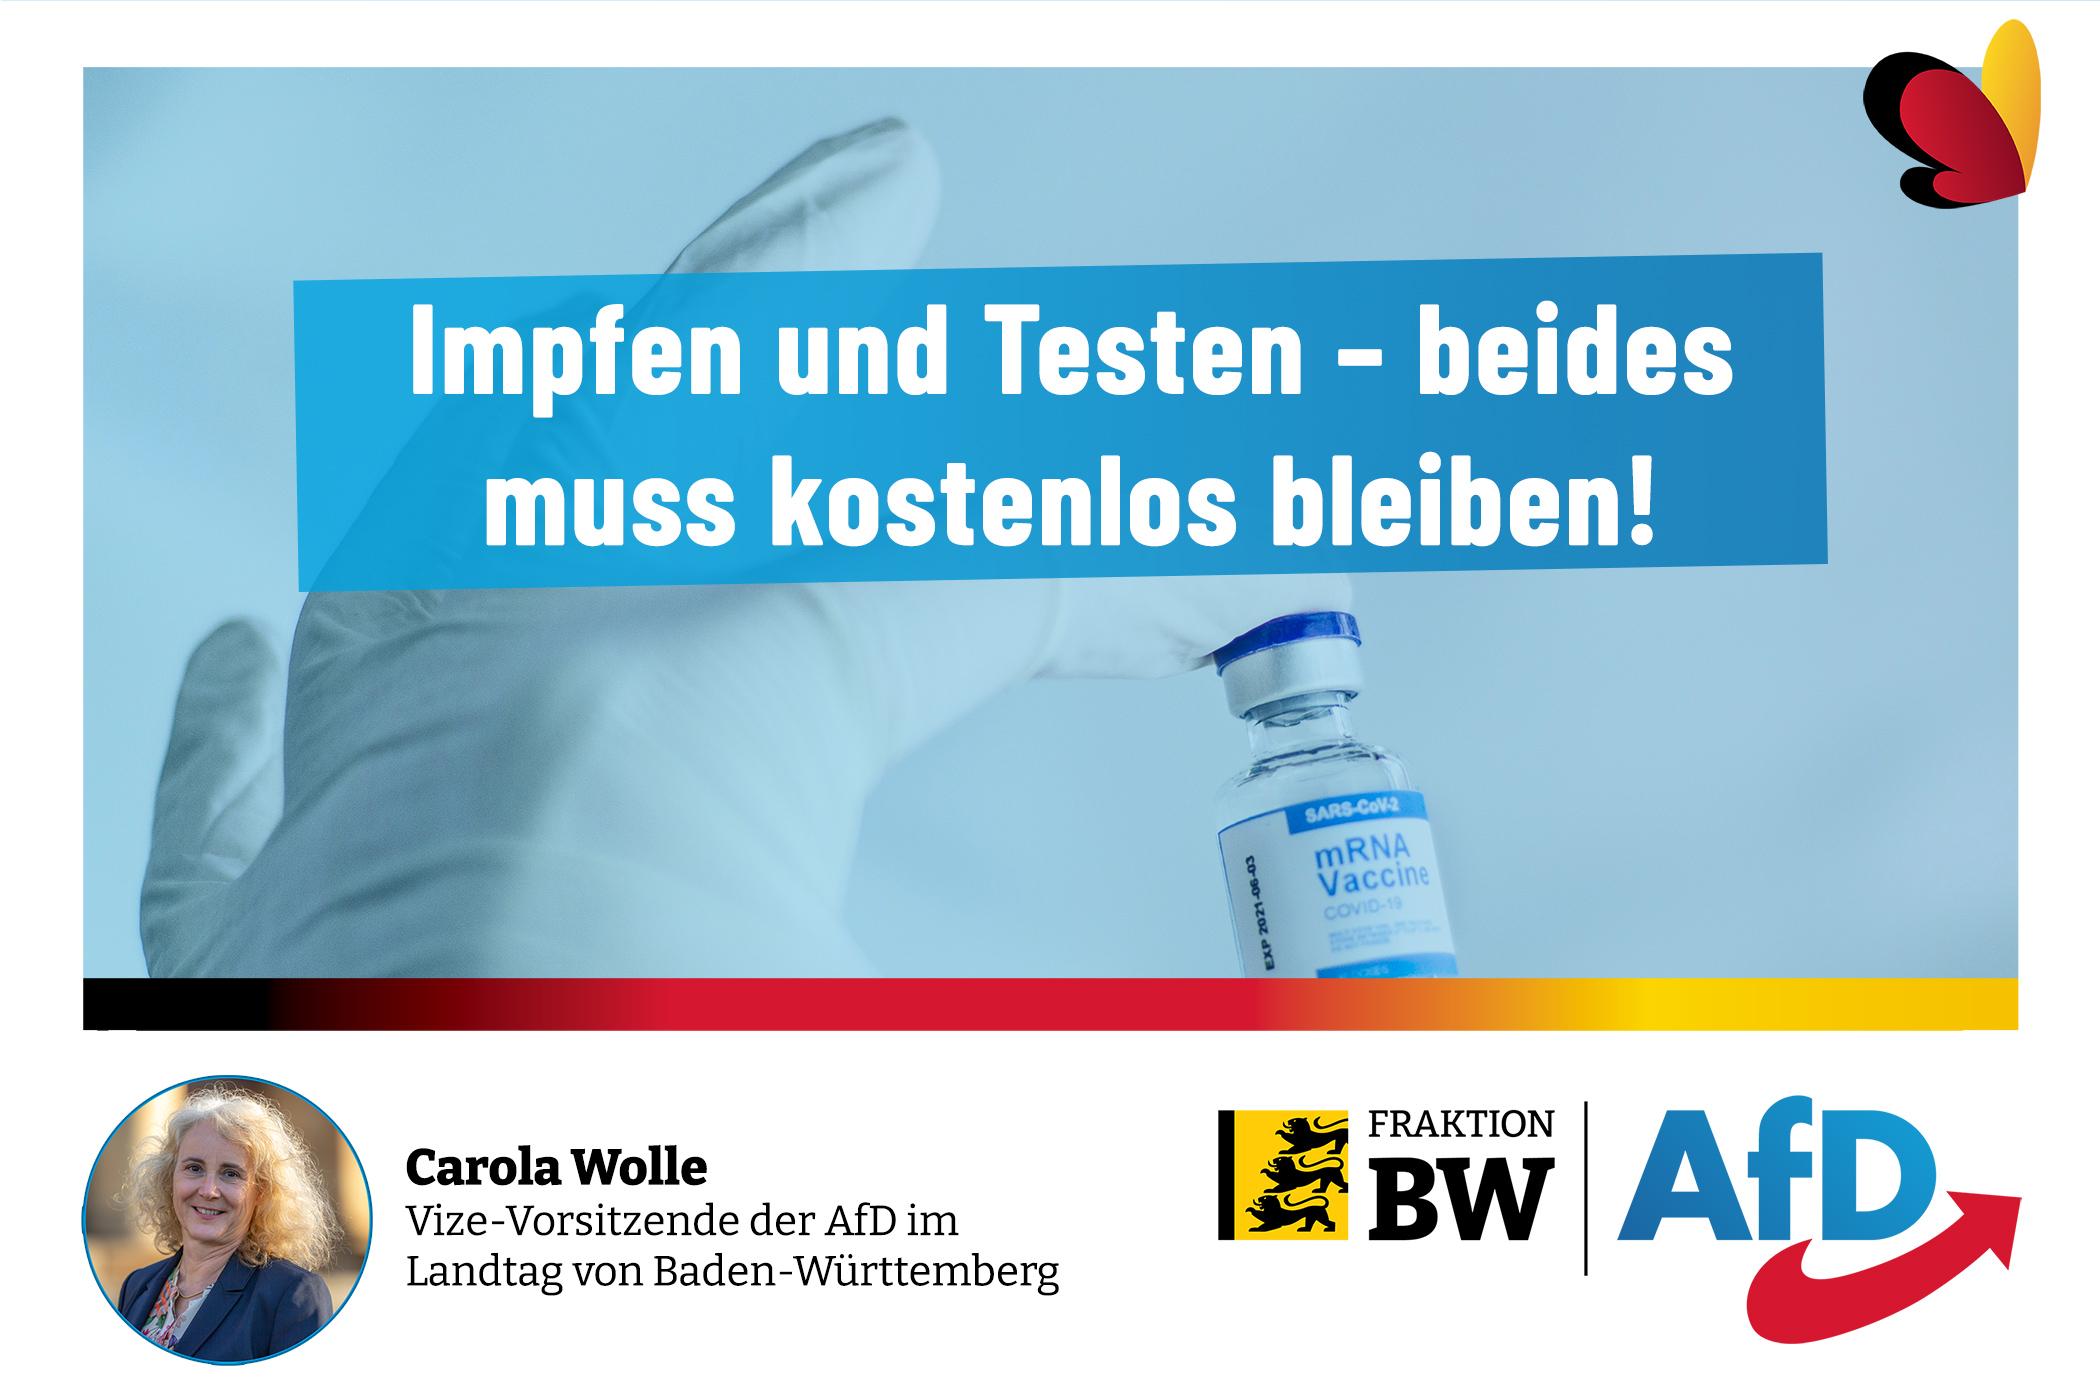 Bernd Gögel/Carola Wolle: Impfen und Testen – beides muss kostenlos bleiben